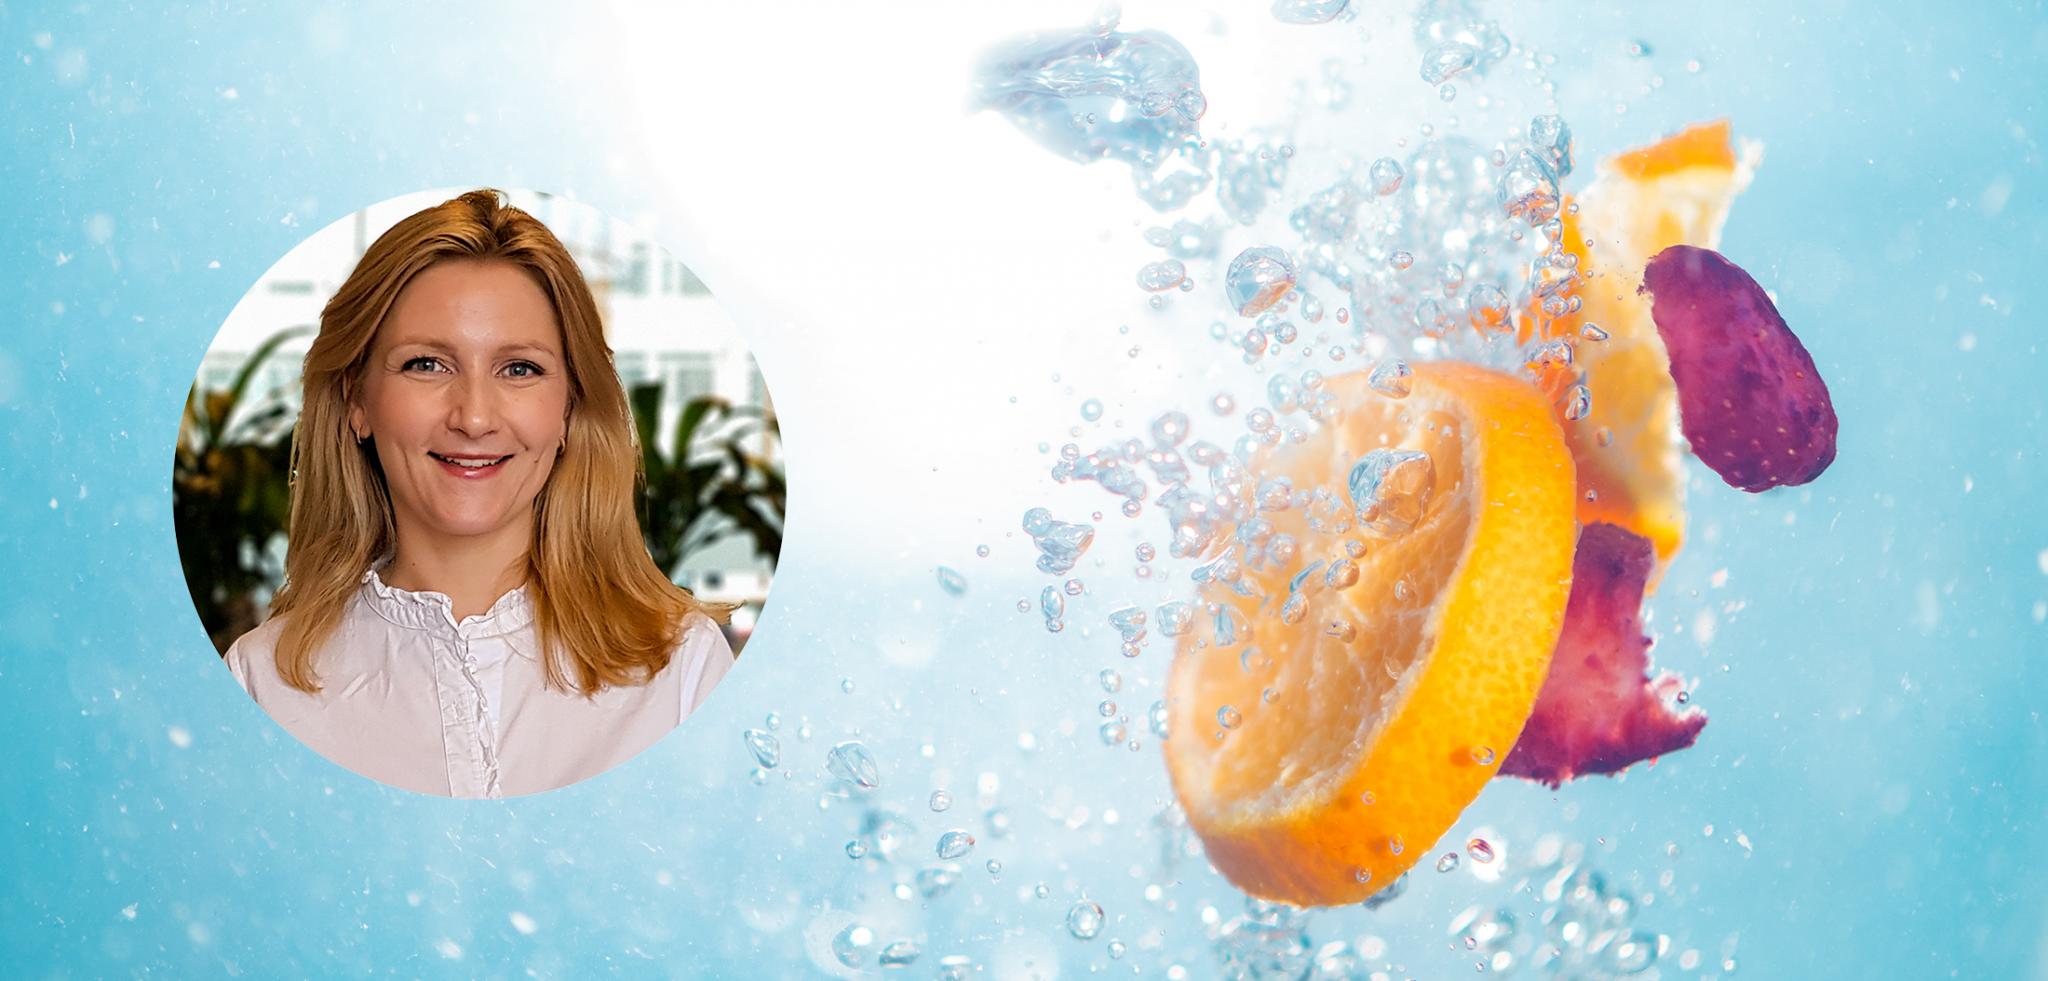 Appelsinskiver og kronblader som slippes i vann sammen med et profilbilde av Xledger ansatt Christine Rabe Moe.